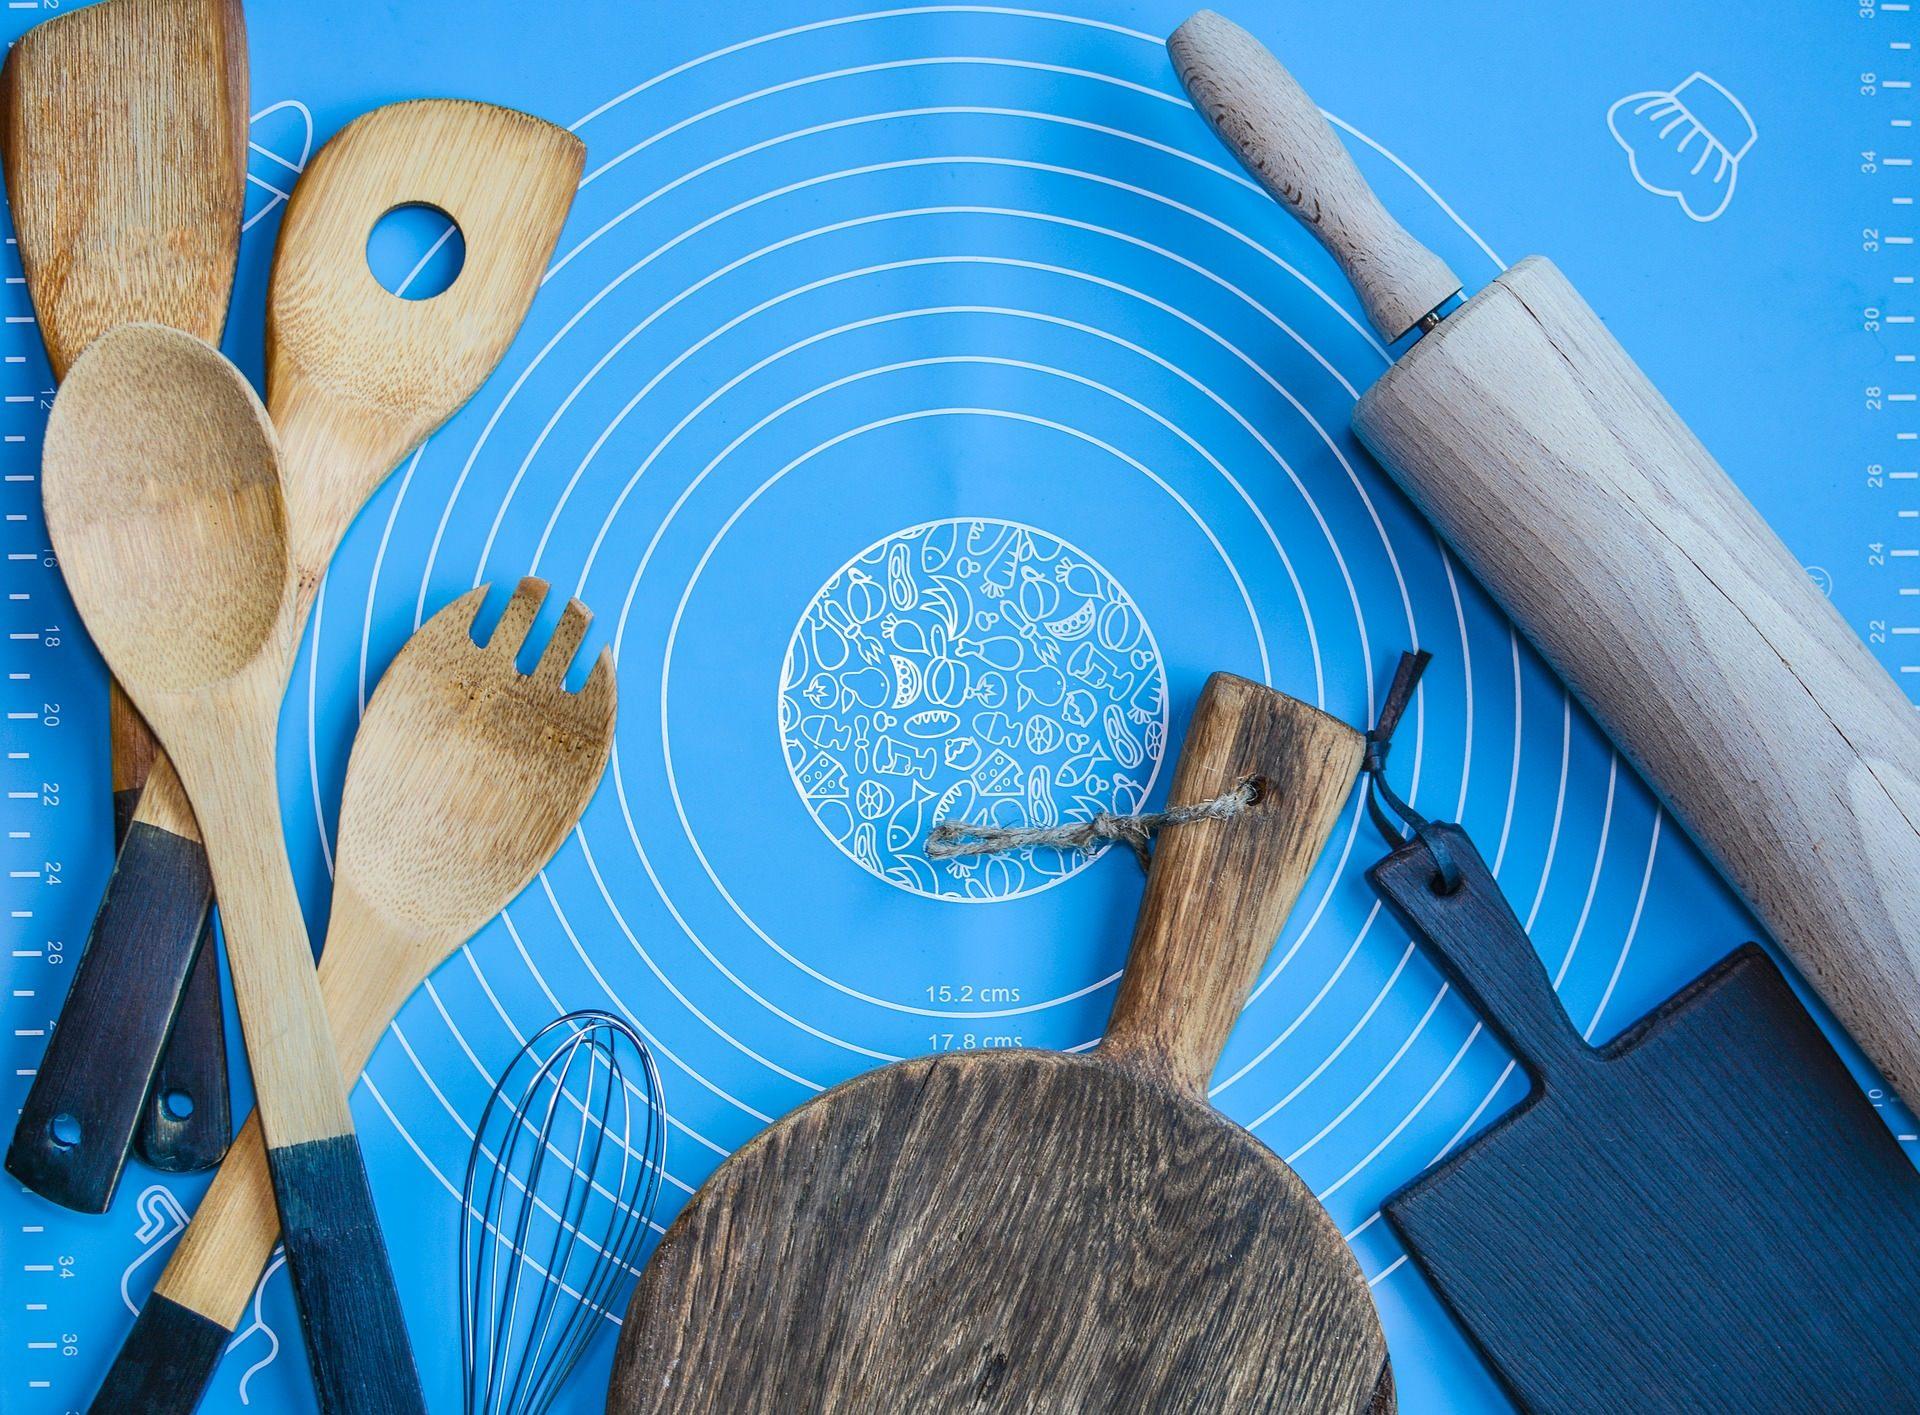 In der Küche – urządzenia i inne akcesoria kuchenne po niemiecku